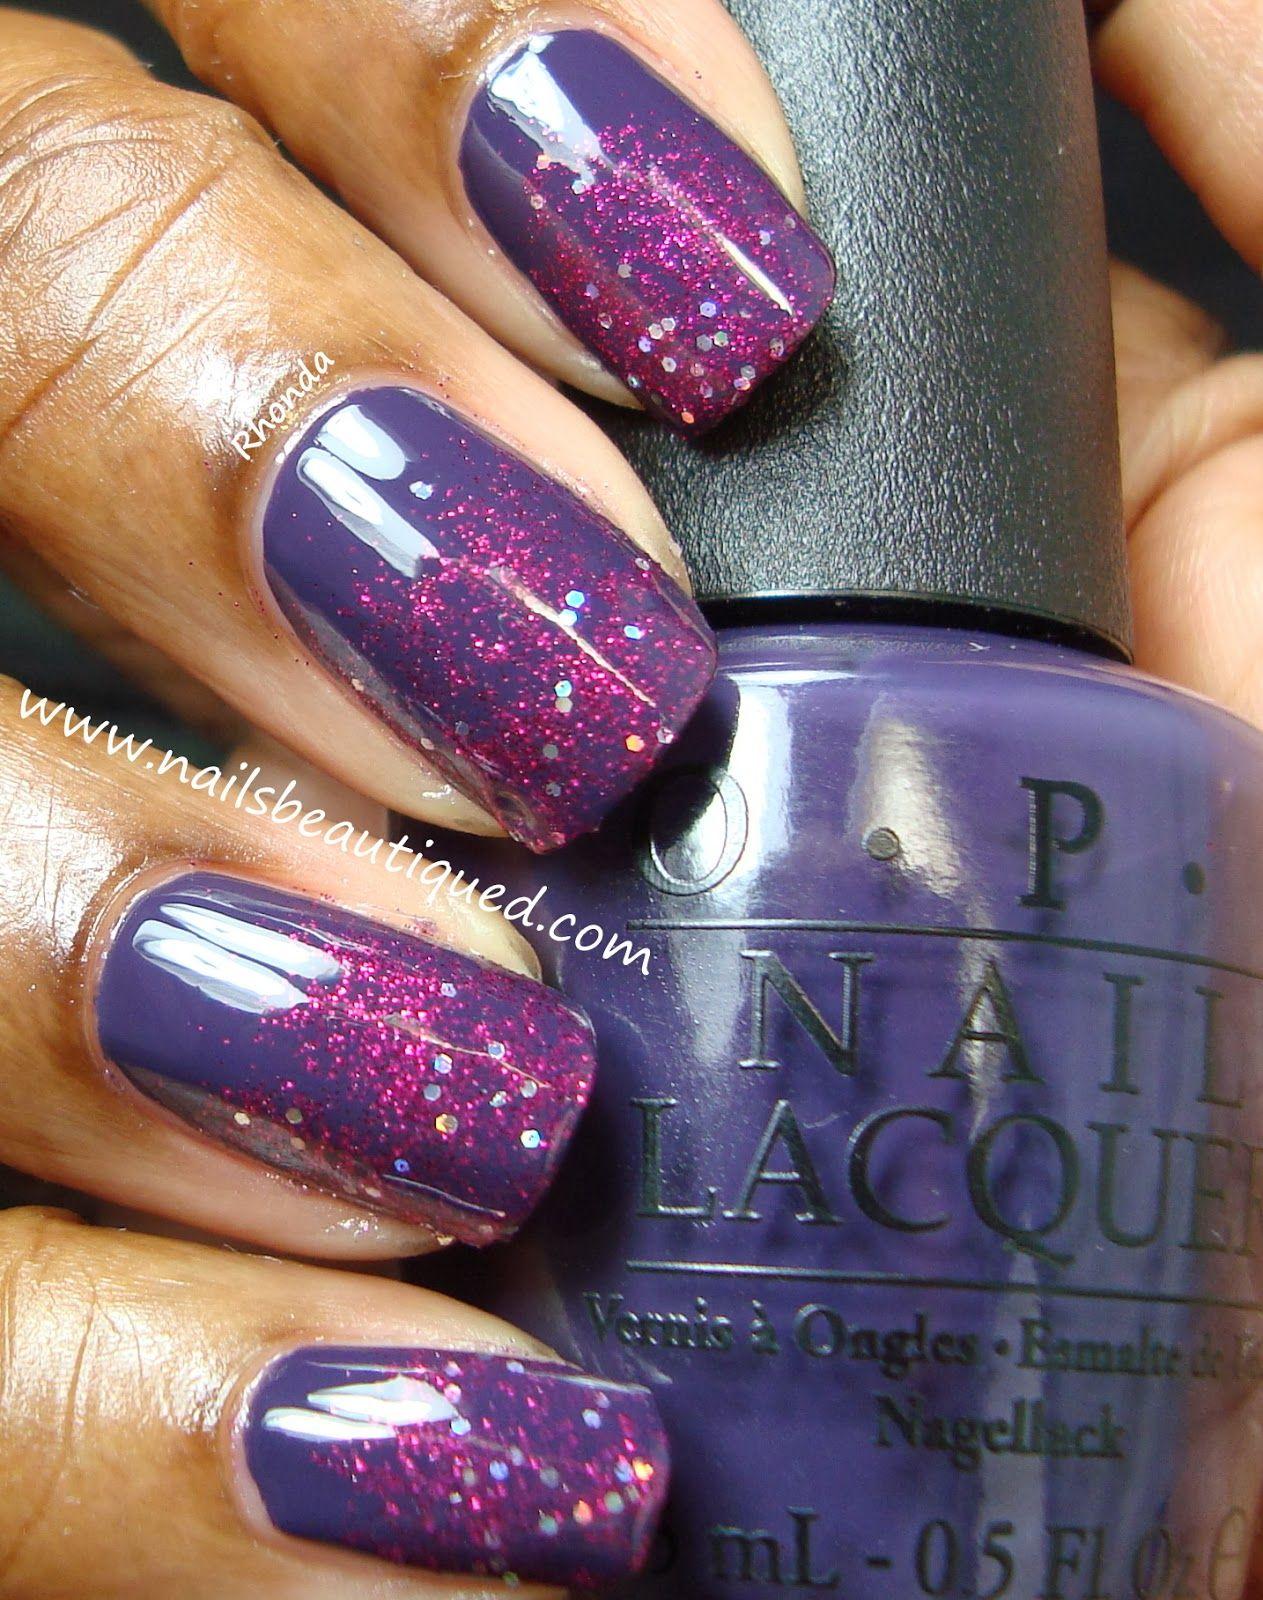 Nails Beautiqued #nail #nails #nailart | BRONCO NAILS | Pinterest ...